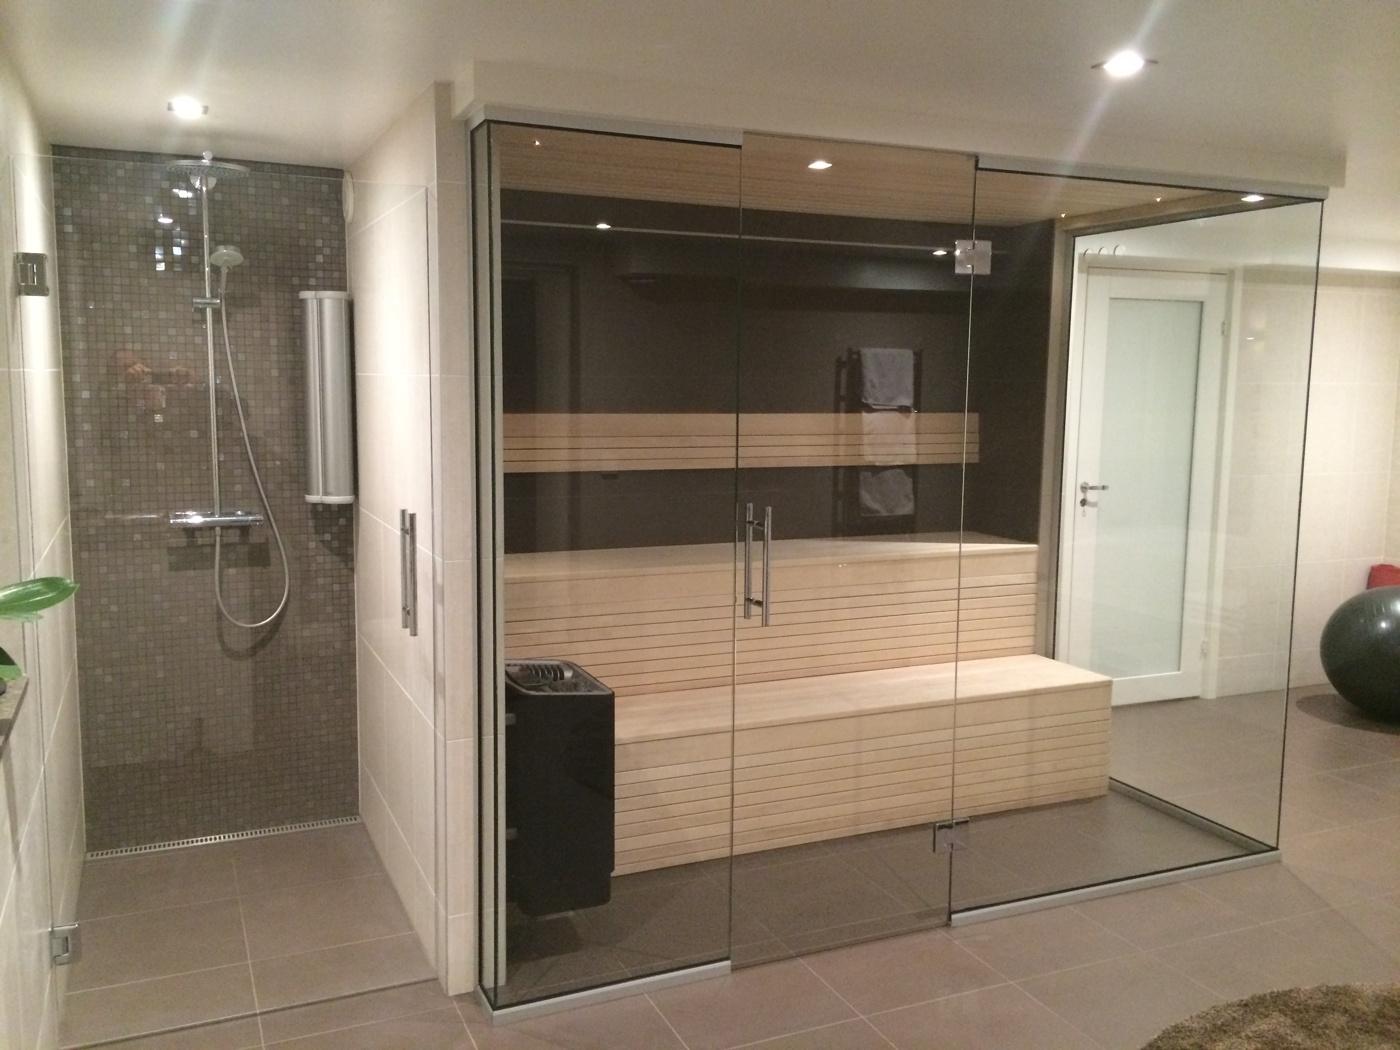 Glasvägg - Pris 590 kr/kvm. Glasvägg till bastu, kontor, dusch. : bygga bastu pris : Inredning